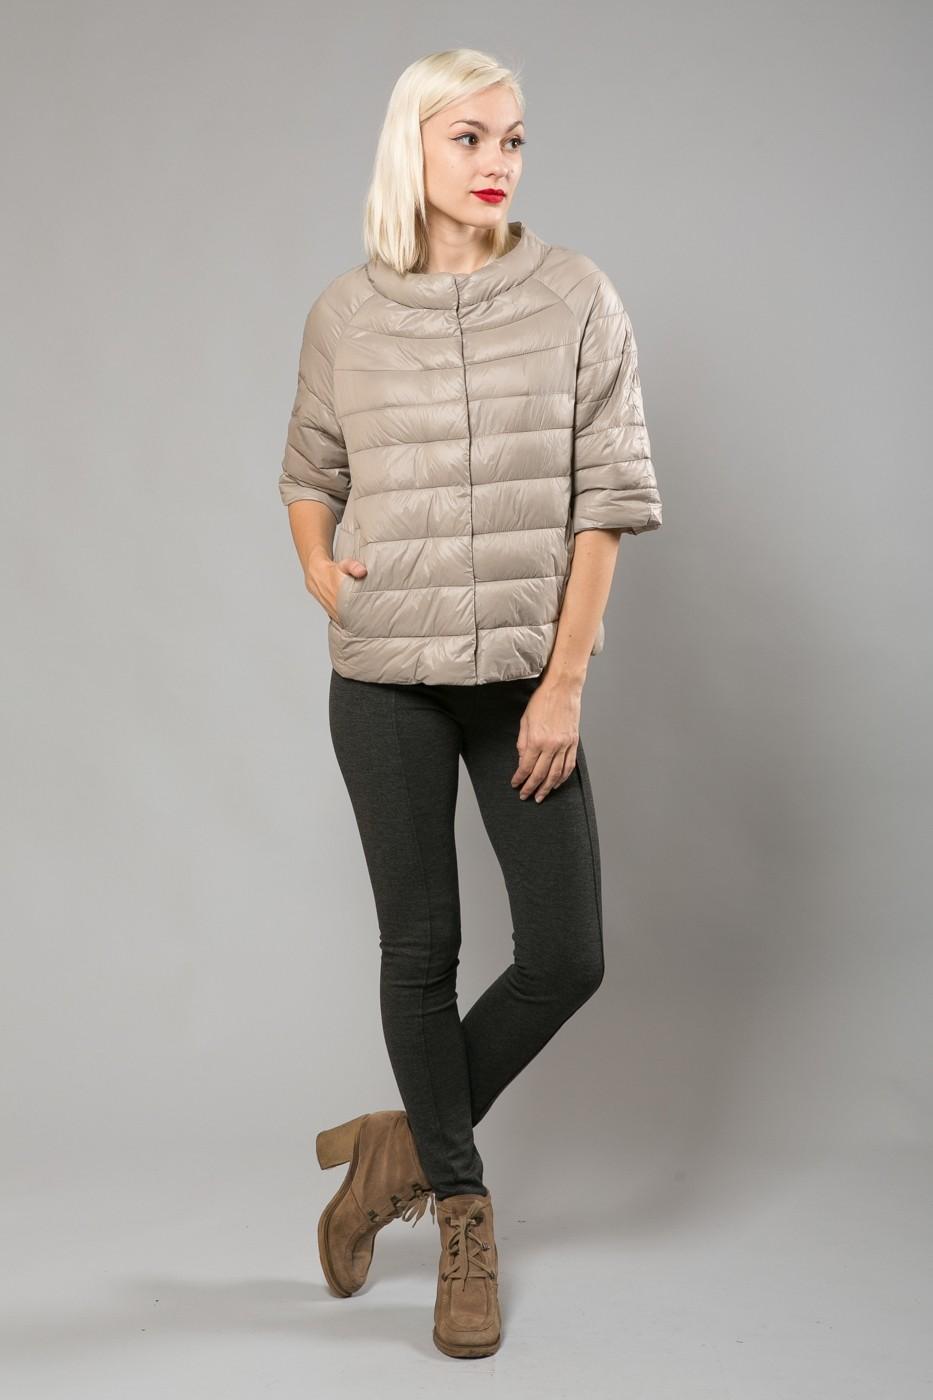 модные пуховики осень зима 2018 2019: куртка с короткими рукавами серая стеганая